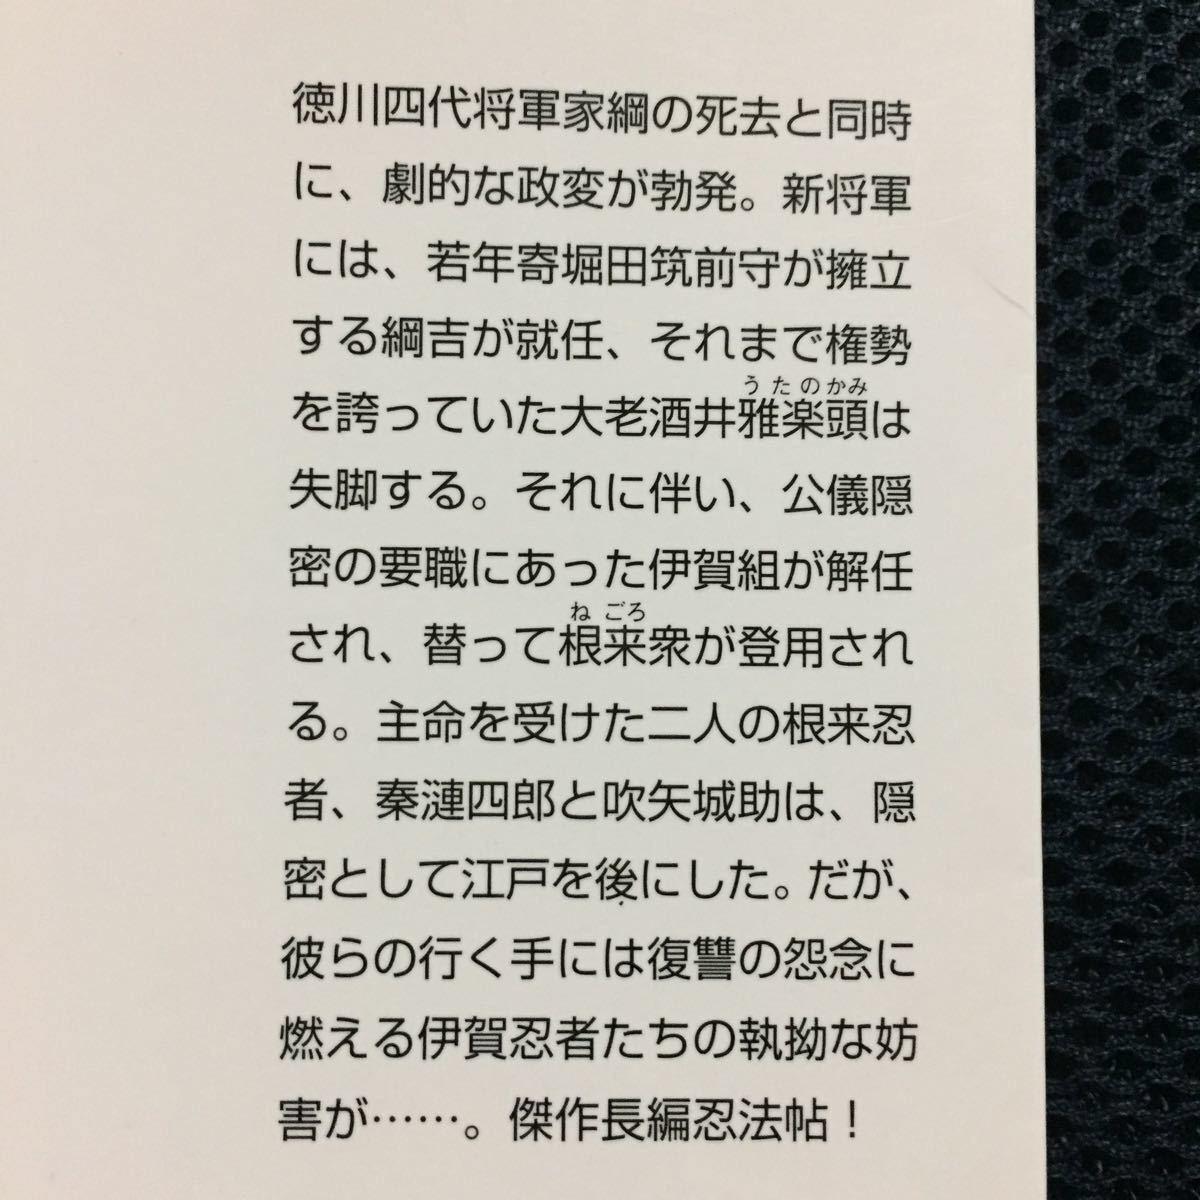 ■ 忍法双頭の鷲/山田風太郎/角川文庫/同梱可_画像2